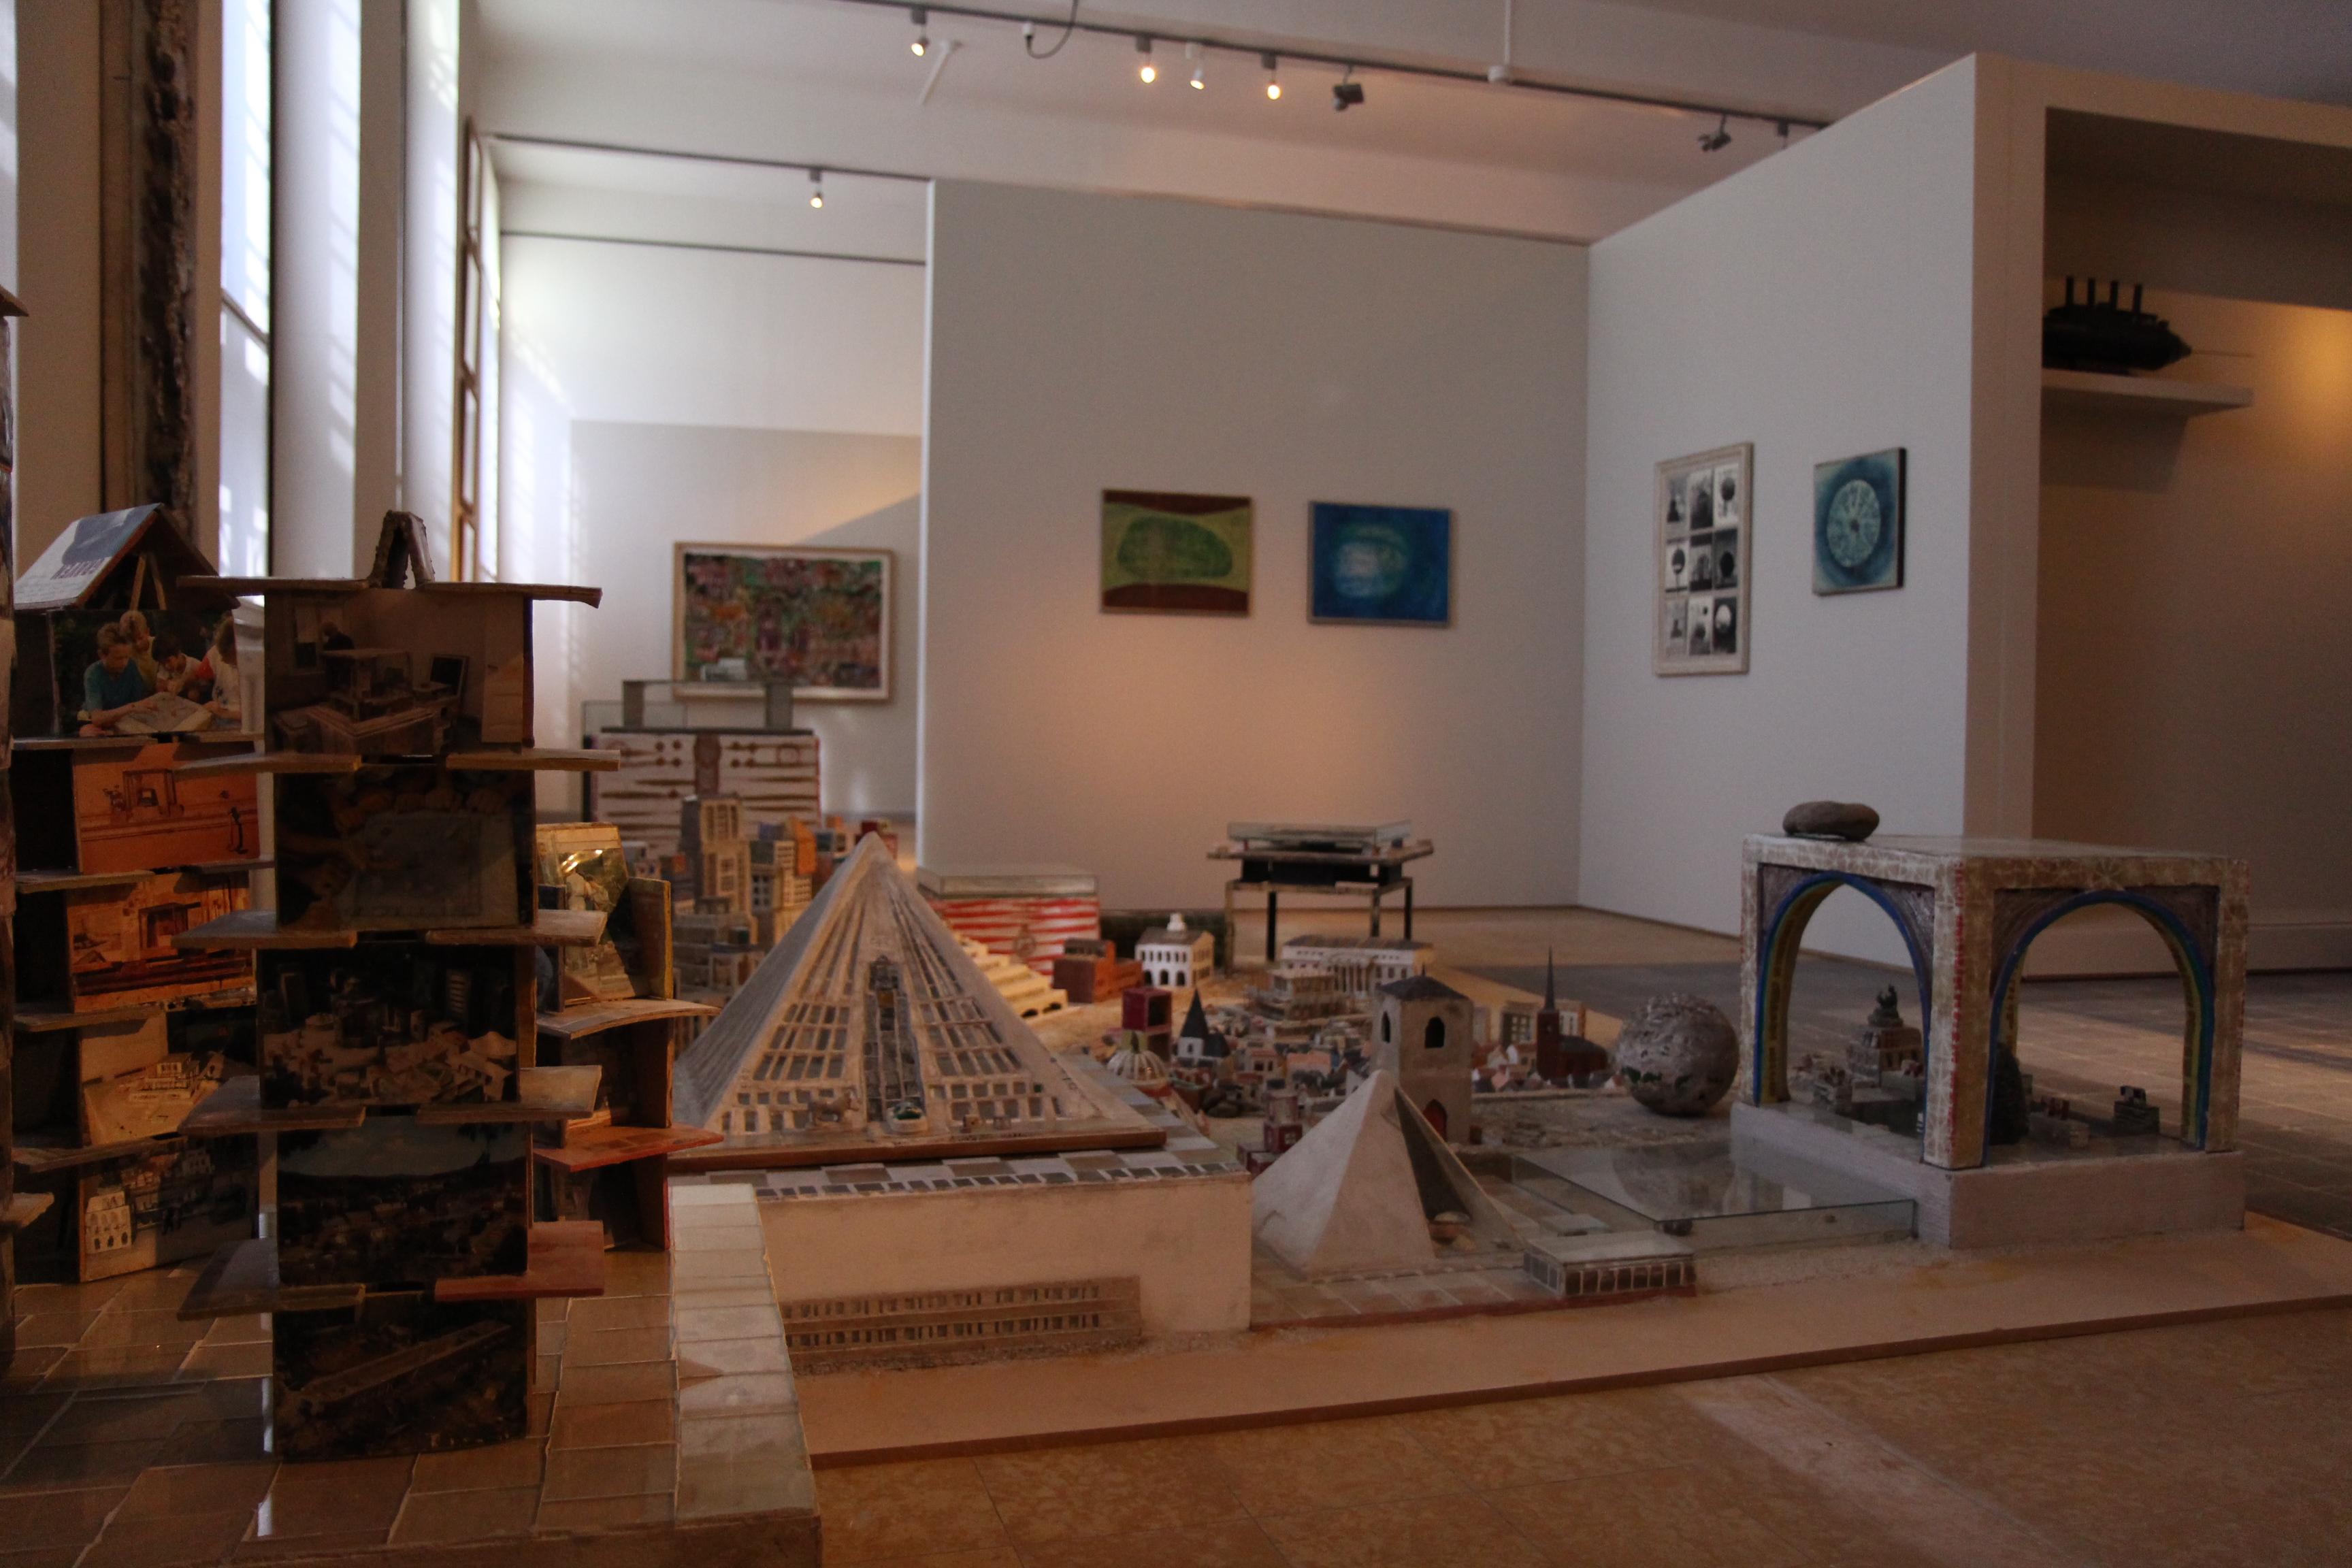 https://upload.wikimedia.org/wikipedia/commons/f/fa/Museum_Dr._Guislain_Interieur_vaste_opstelling_Outsiderkunst.jpg